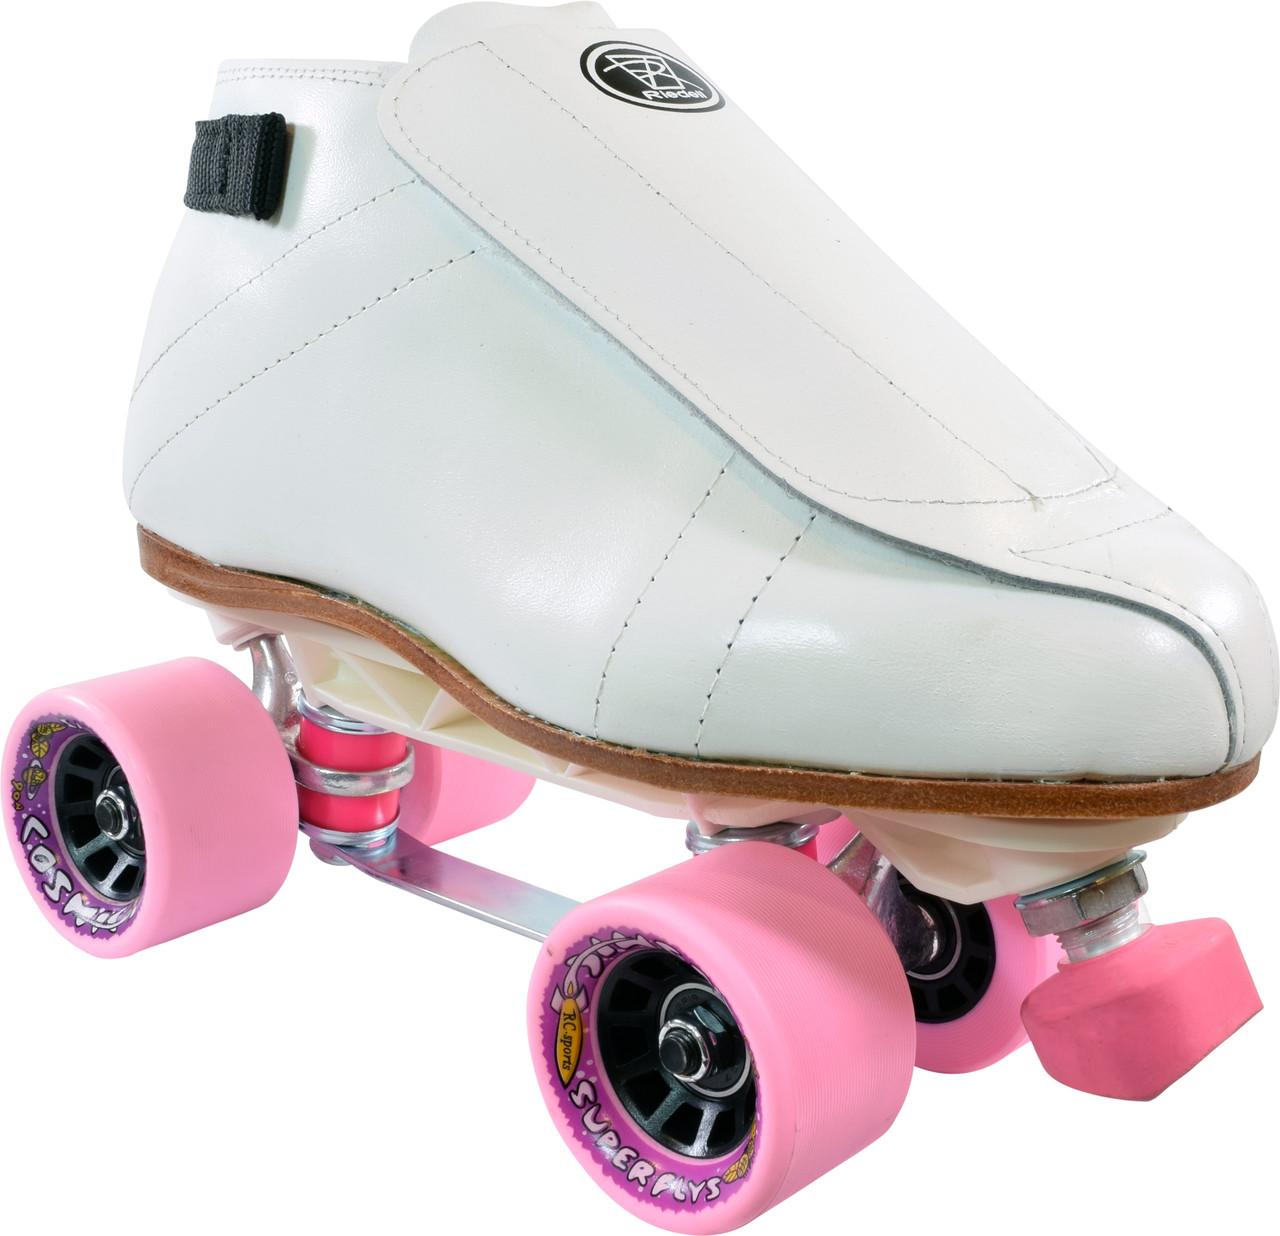 Roller Skates On Sales Rollerskatenation Com >> Closeout White Riedell 395 Sunlite Cosmic Roller Skates